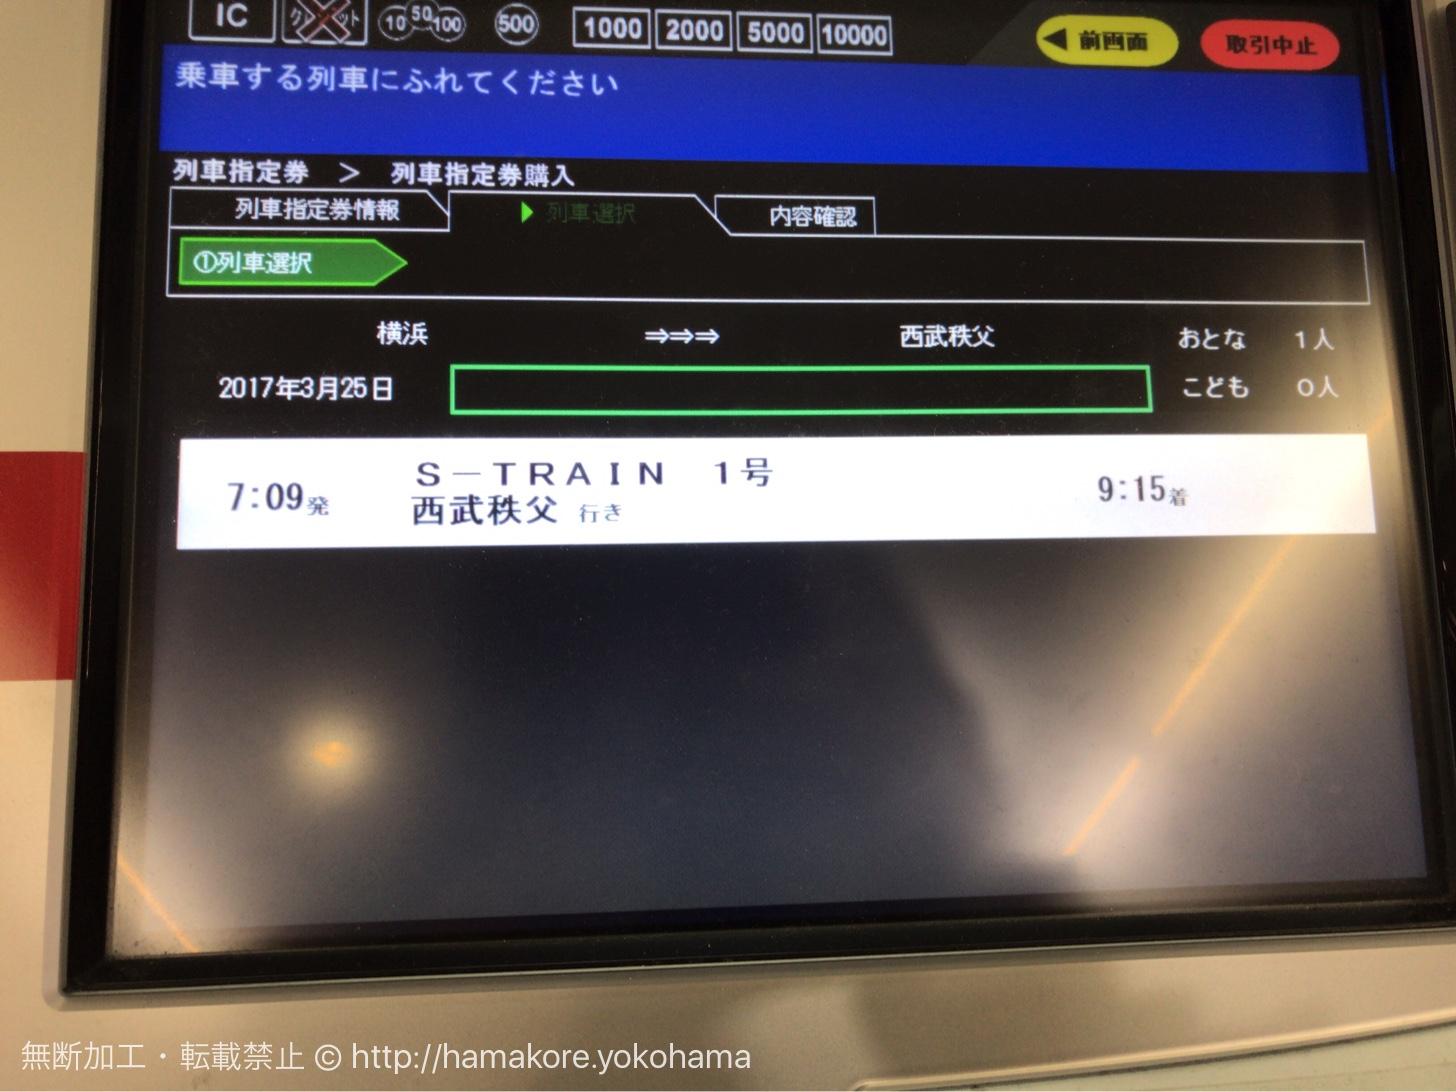 Sトレインの指定券を自動券売機で購入する方法!(横浜駅)